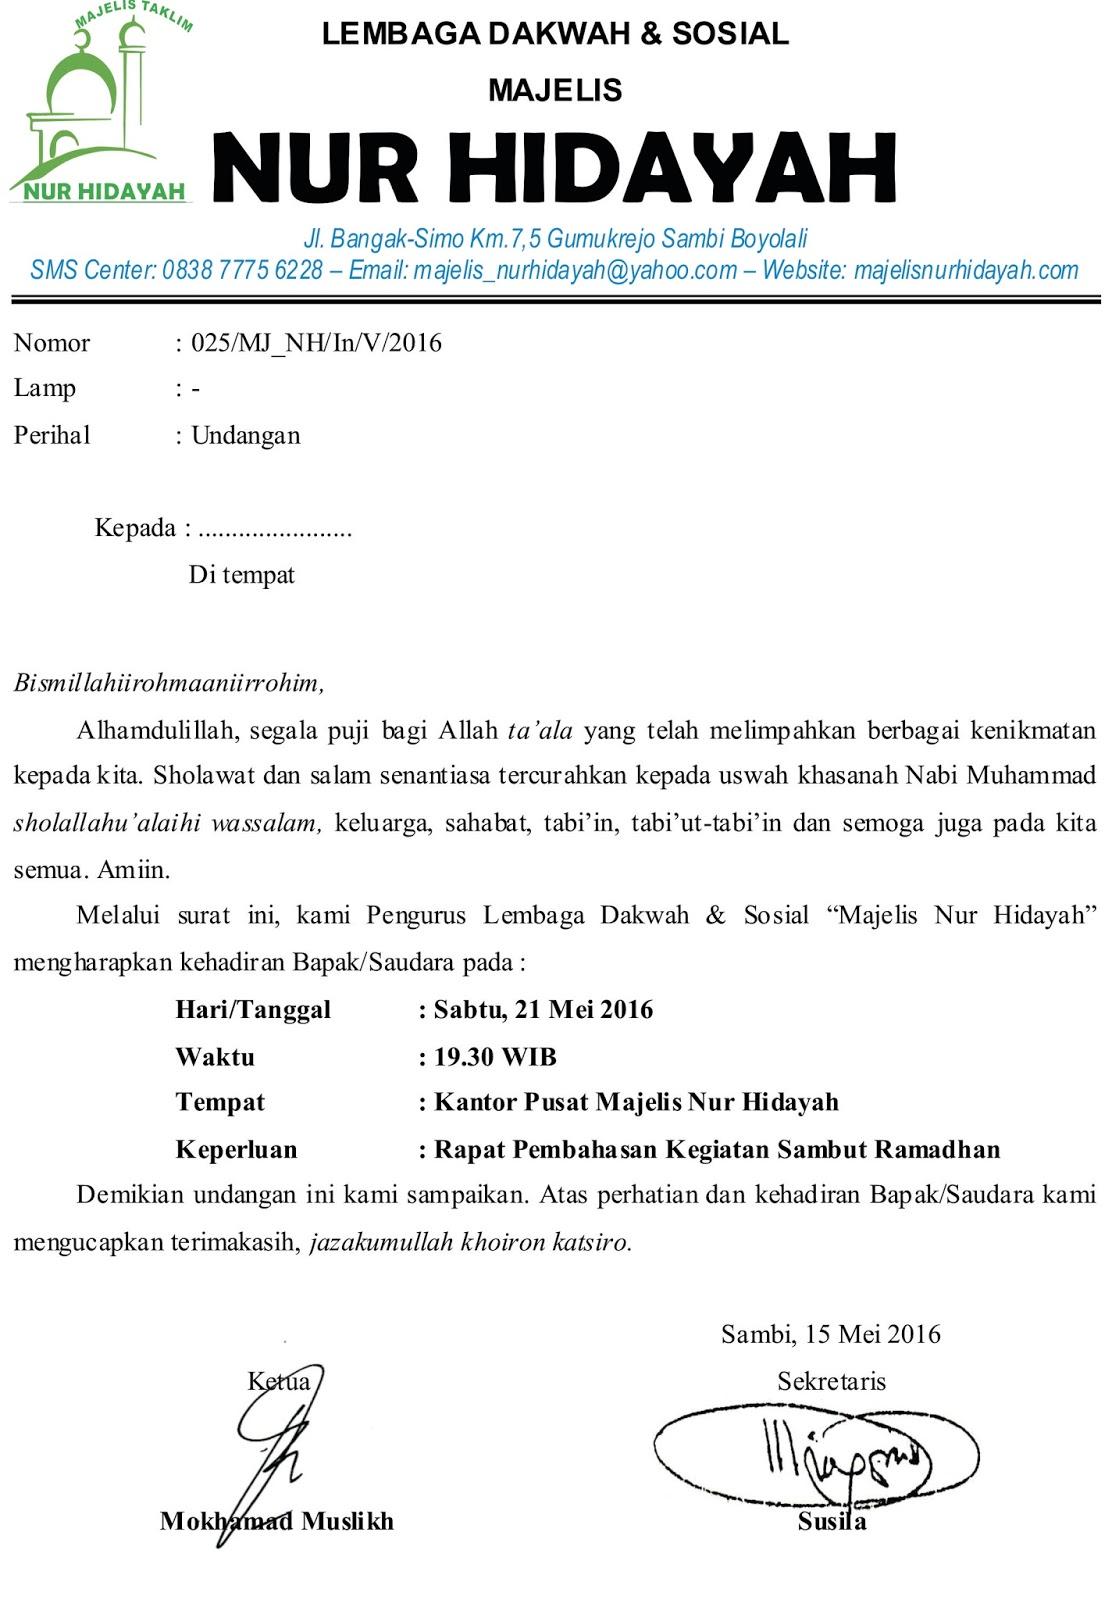 Contoh Proposal Zakat  Contoh